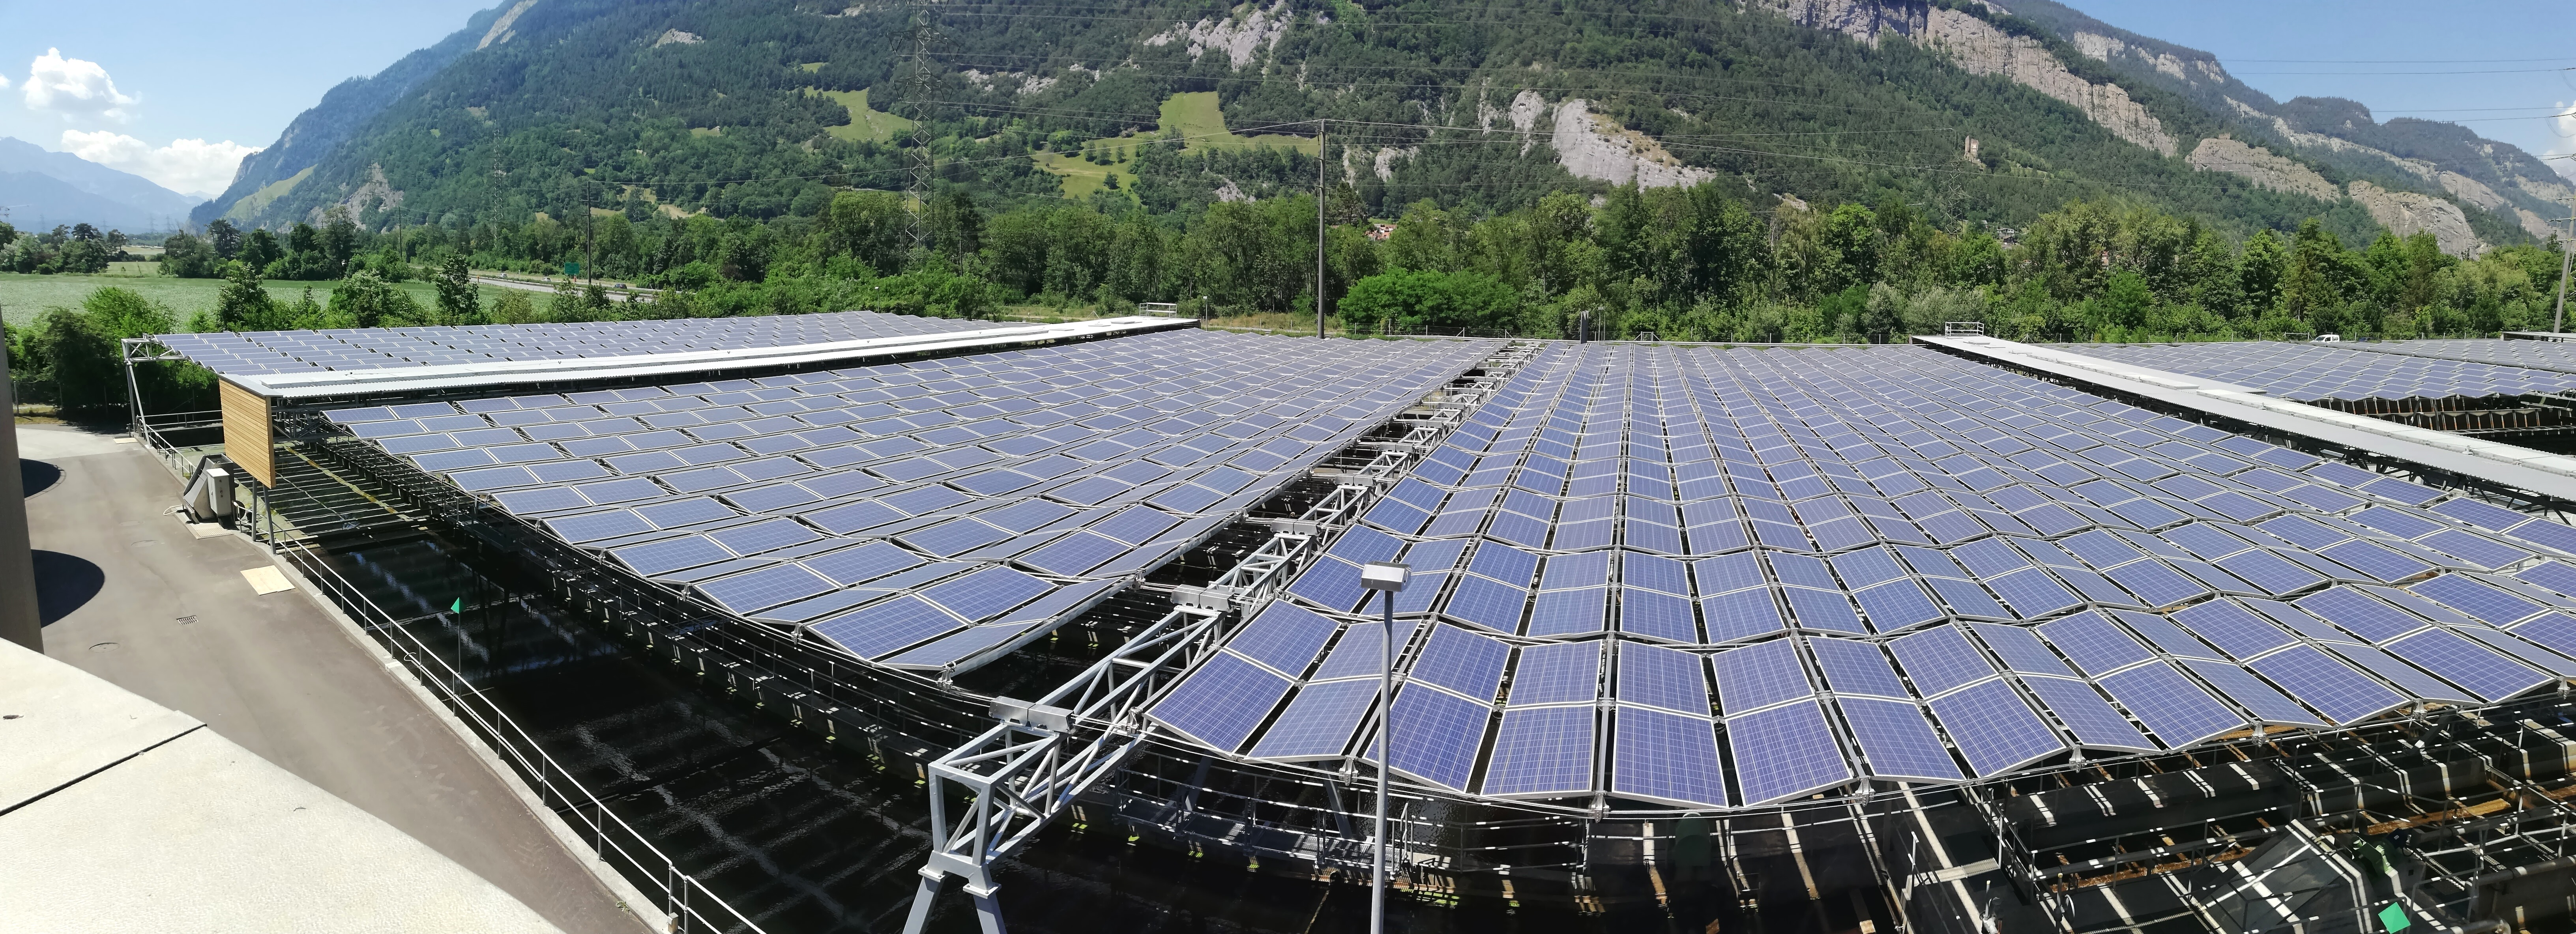 Einweihung Solar-Faltdachanlage Chur